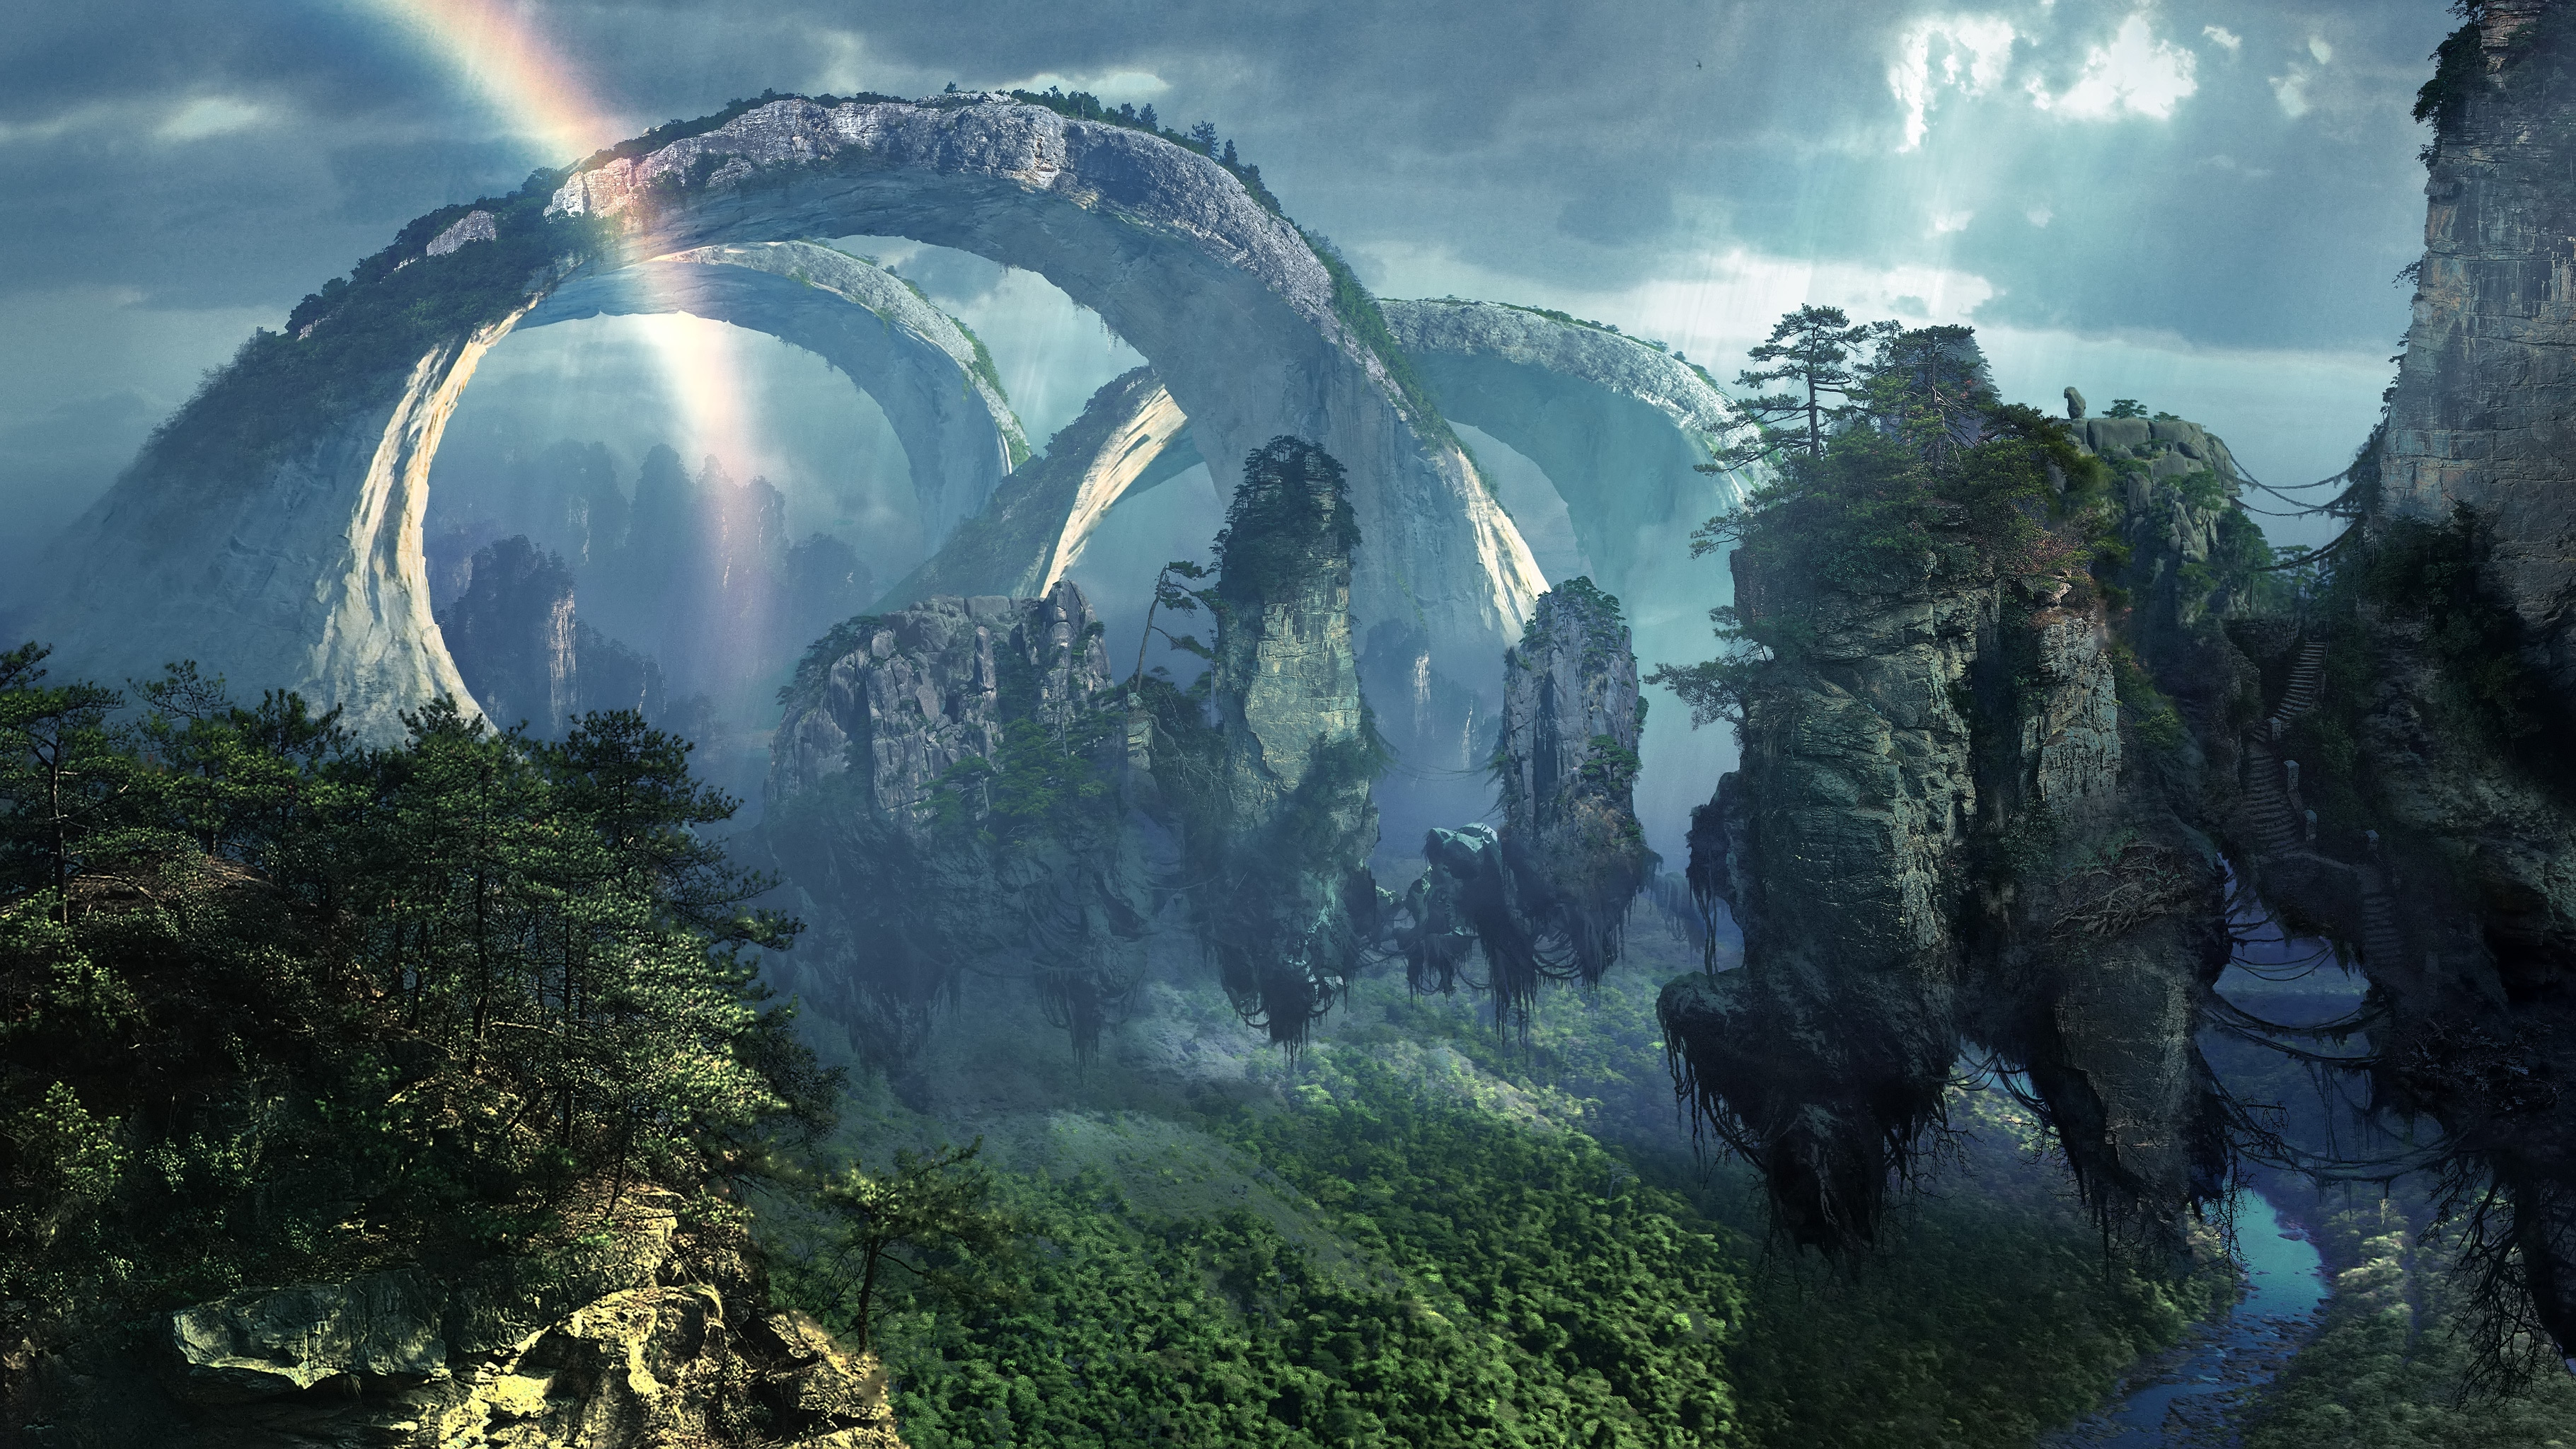 Люди высаживаются на чужую планету и начинают уничтожать ее ради полезных ископаемых. С этим несогласны инопланетные аборигены и сочувствующие им земляне. Да грядет борьба!